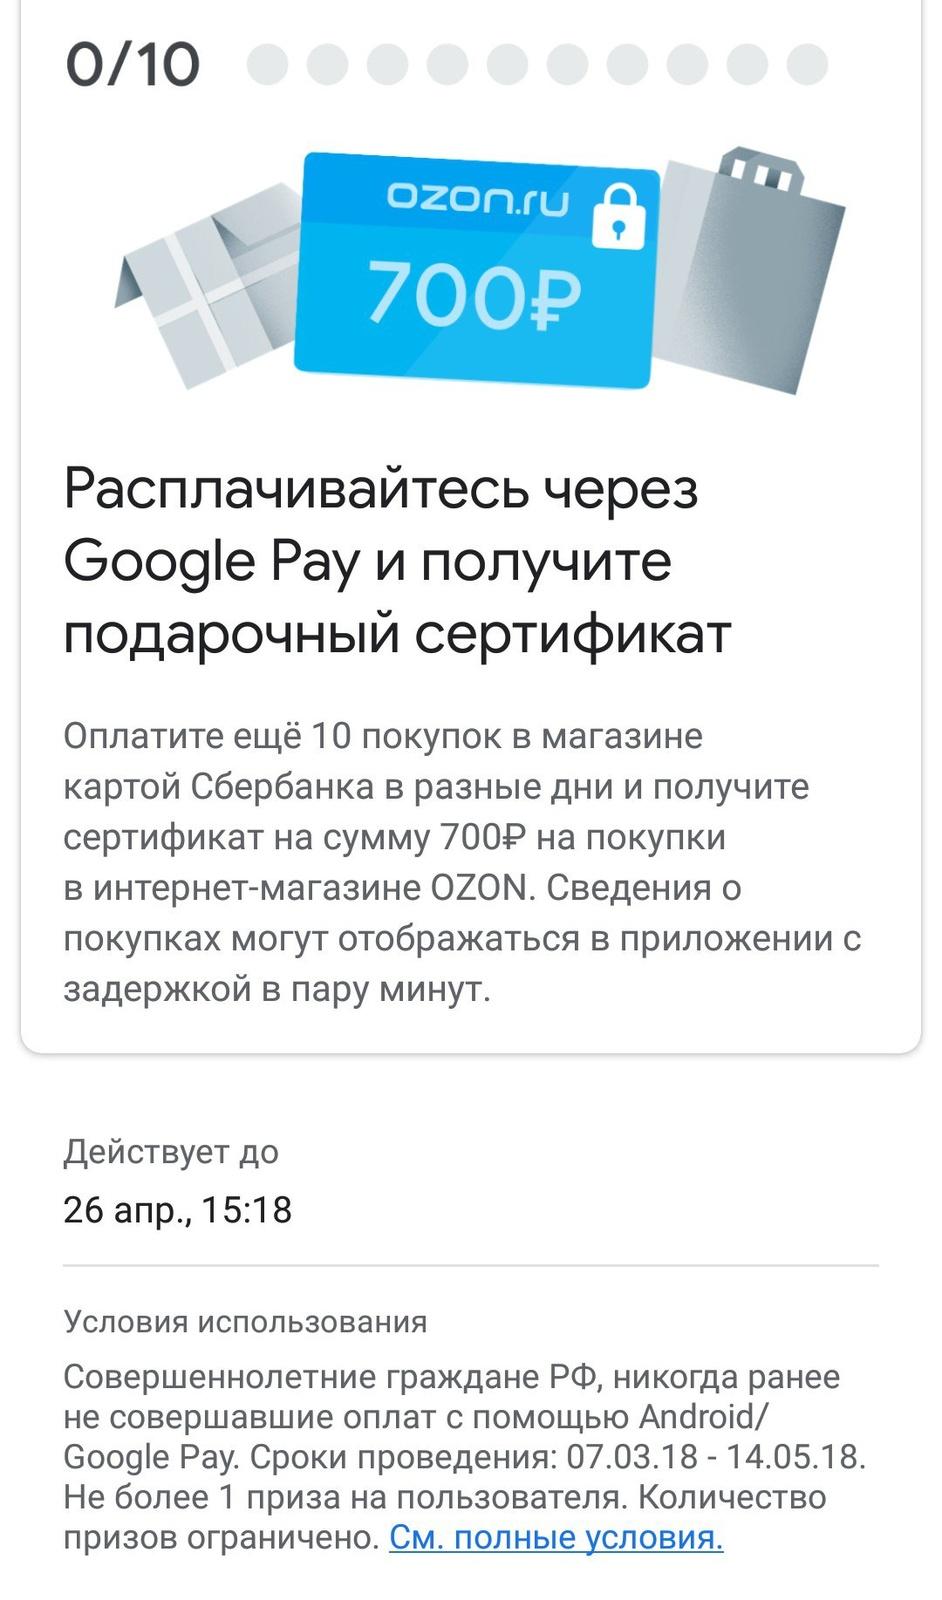 промокод wildberries 500 рублей на первый заказ условия кредит наличными без отказа с плохой кредитной историей